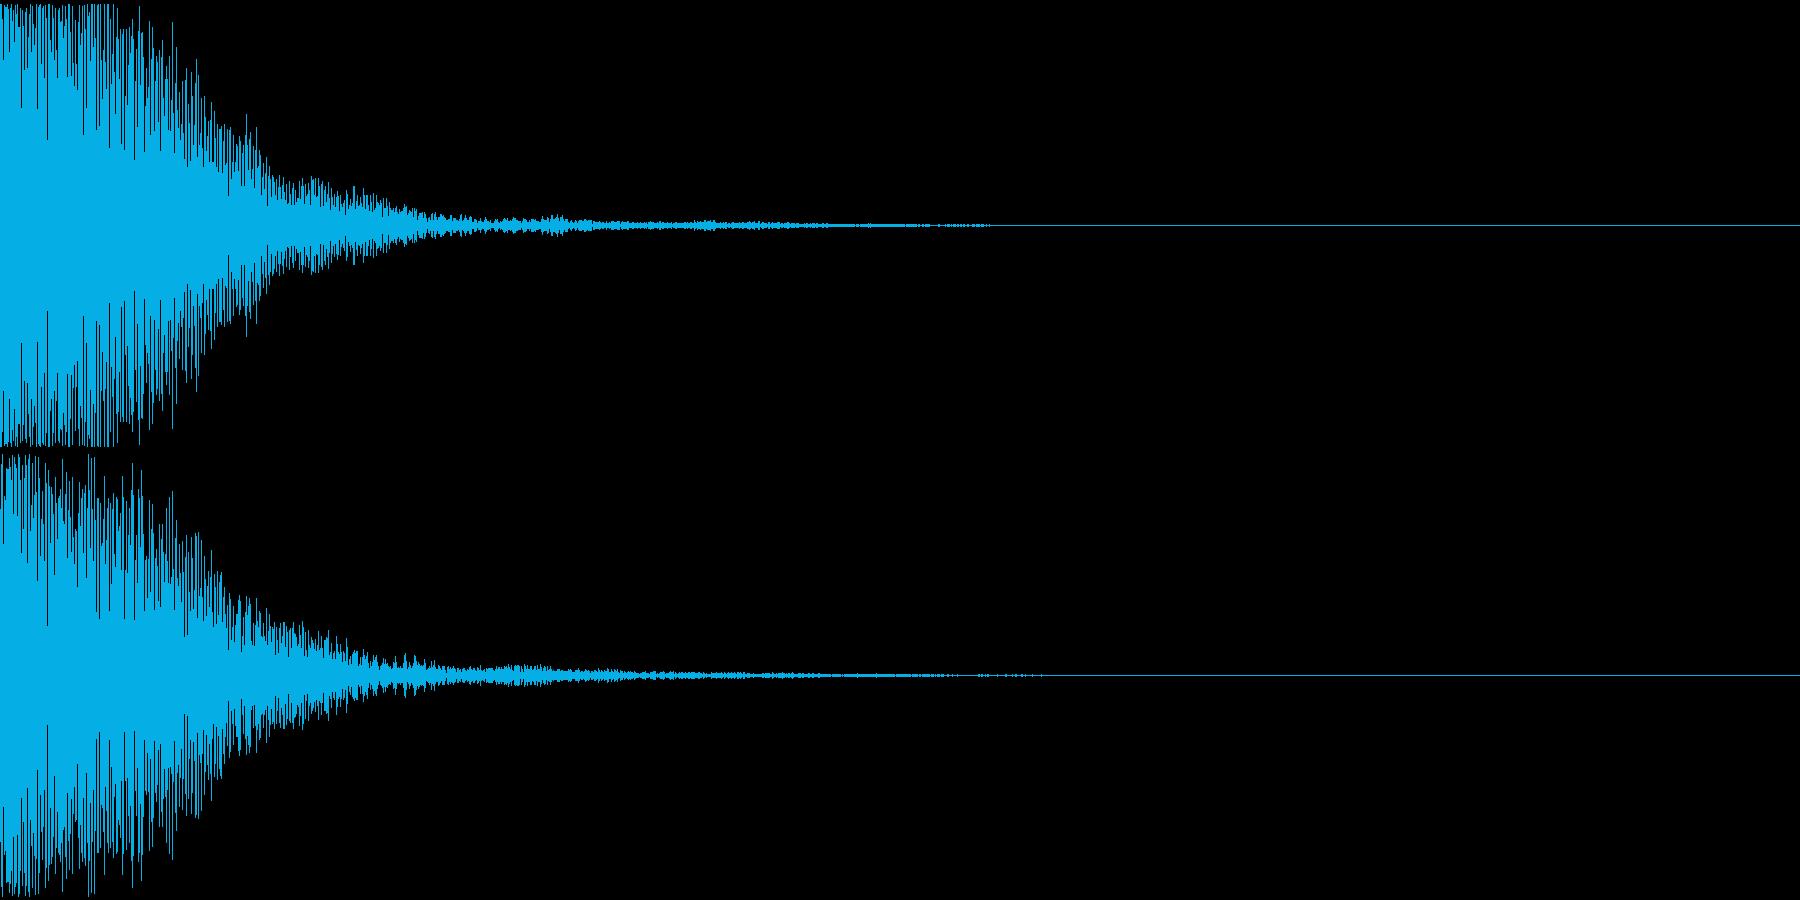 キャンセル音01(トゥン)の再生済みの波形